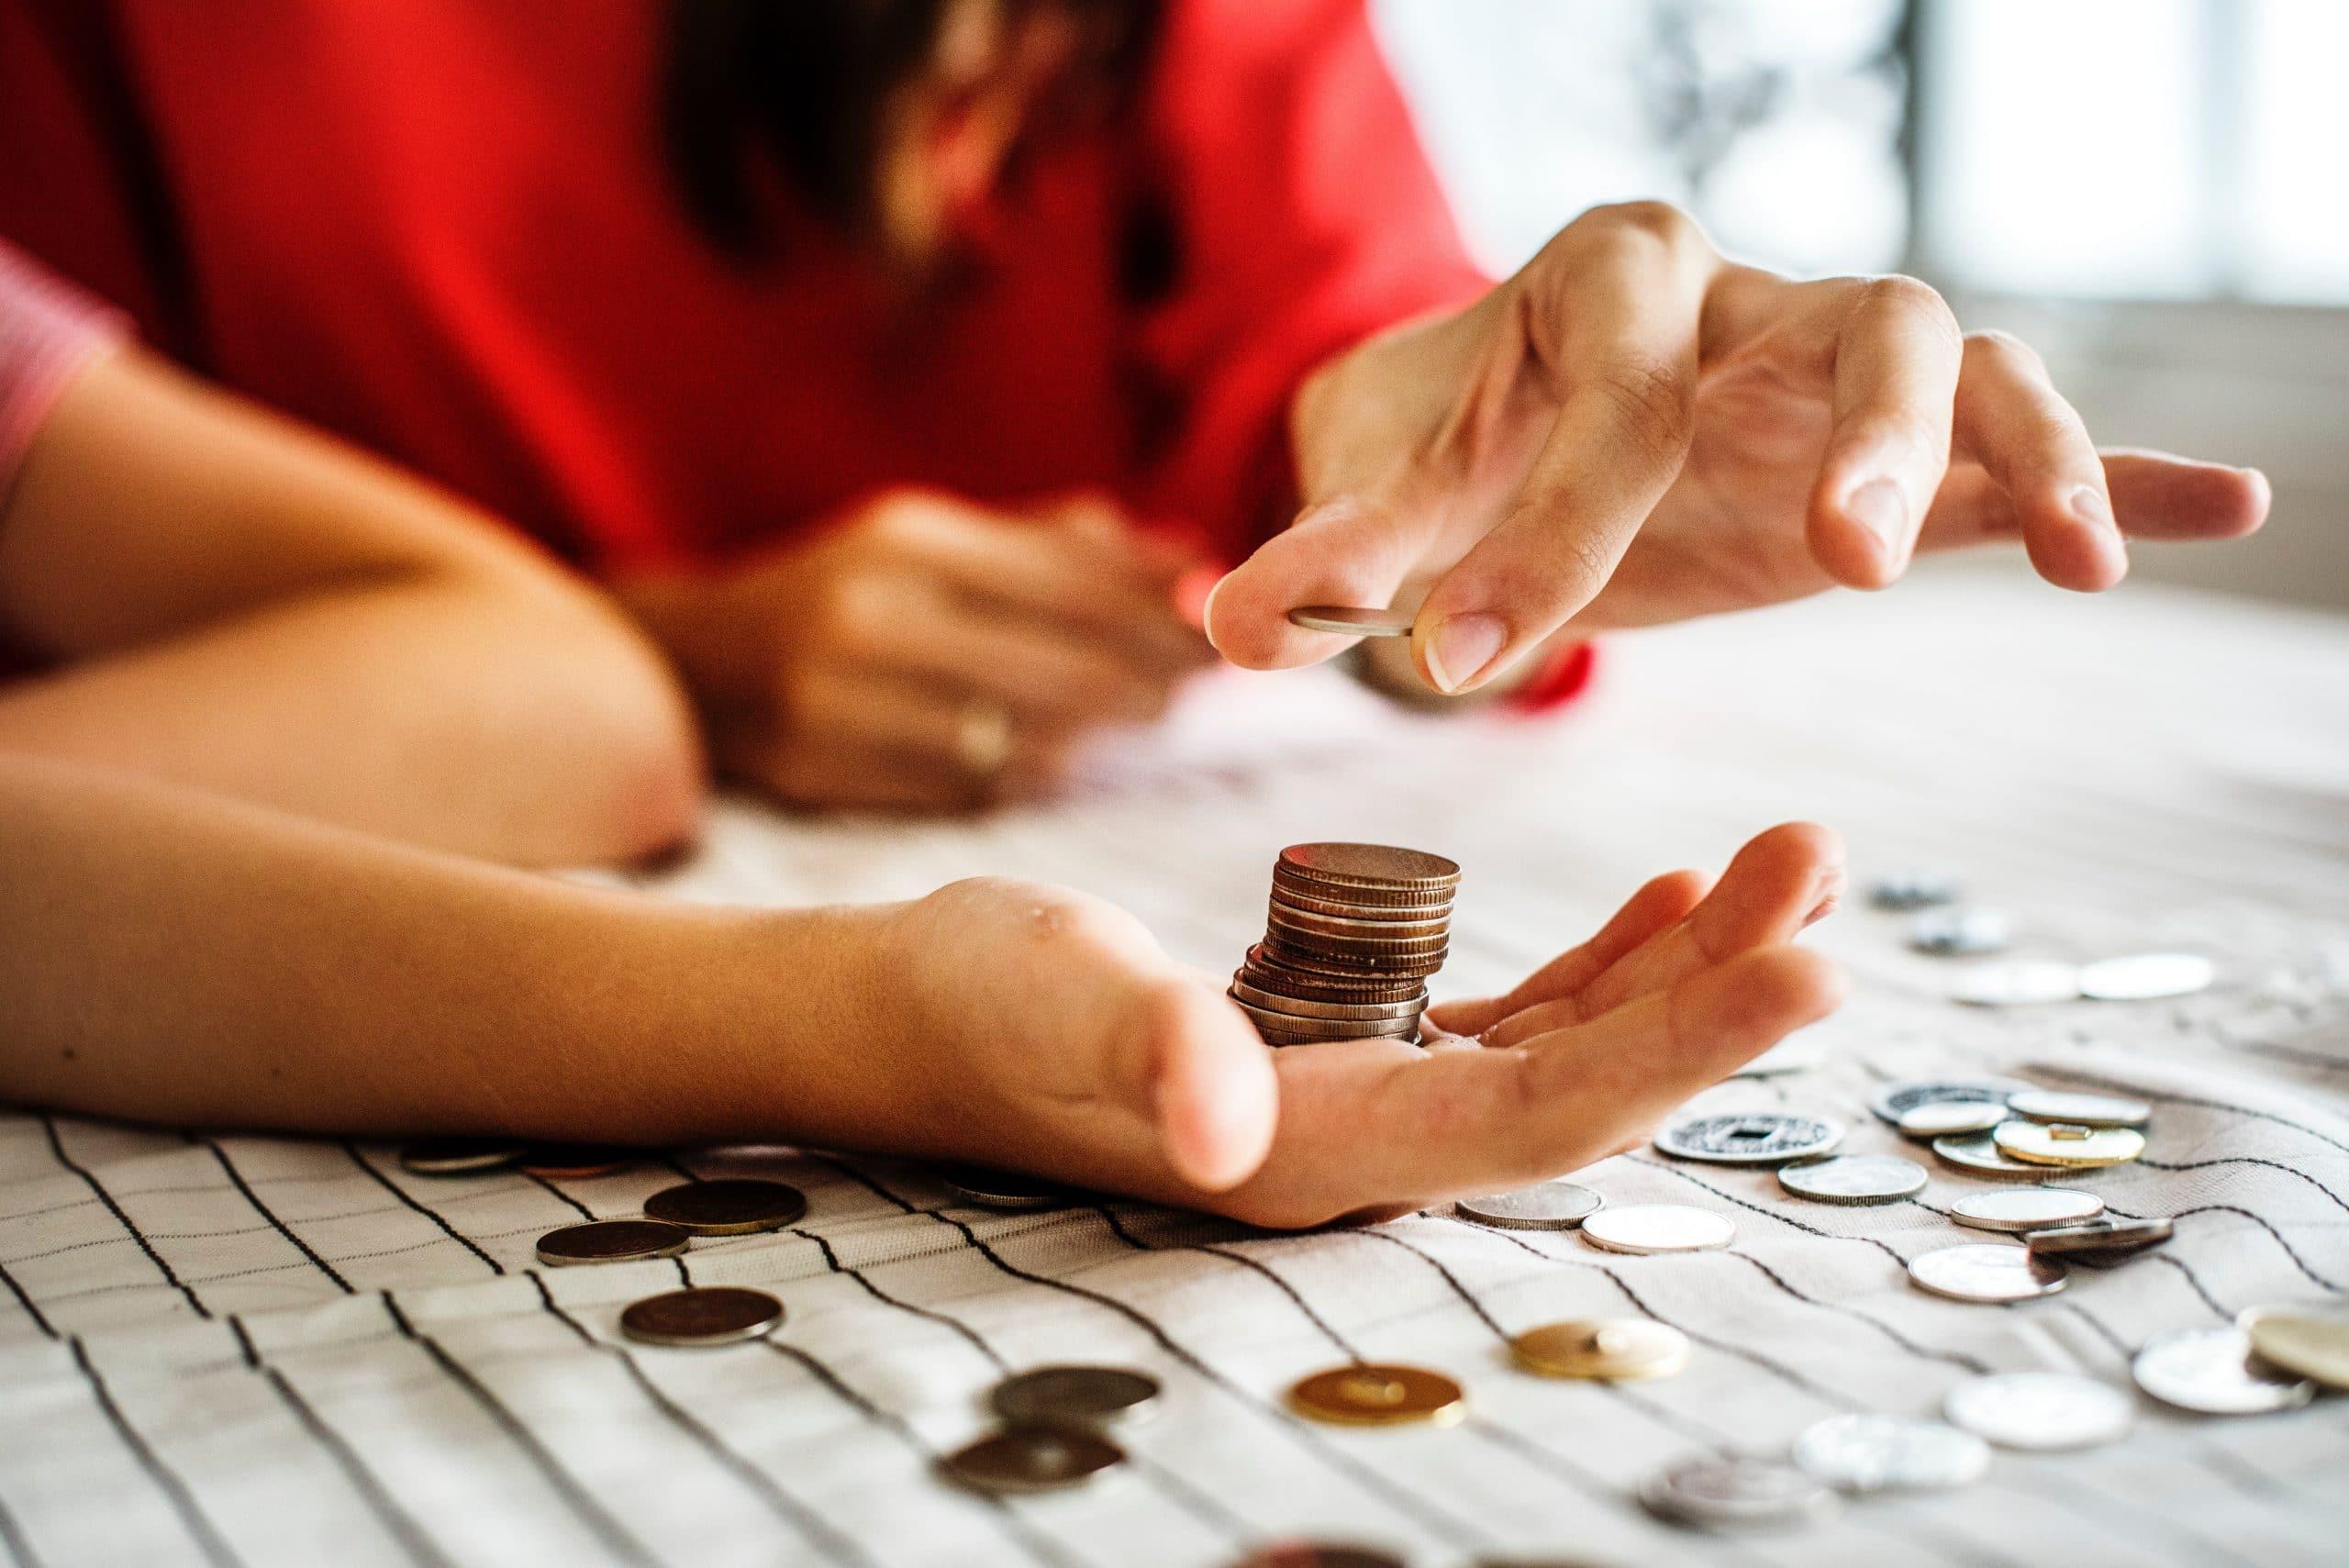 Duas pessoas contando moedas.